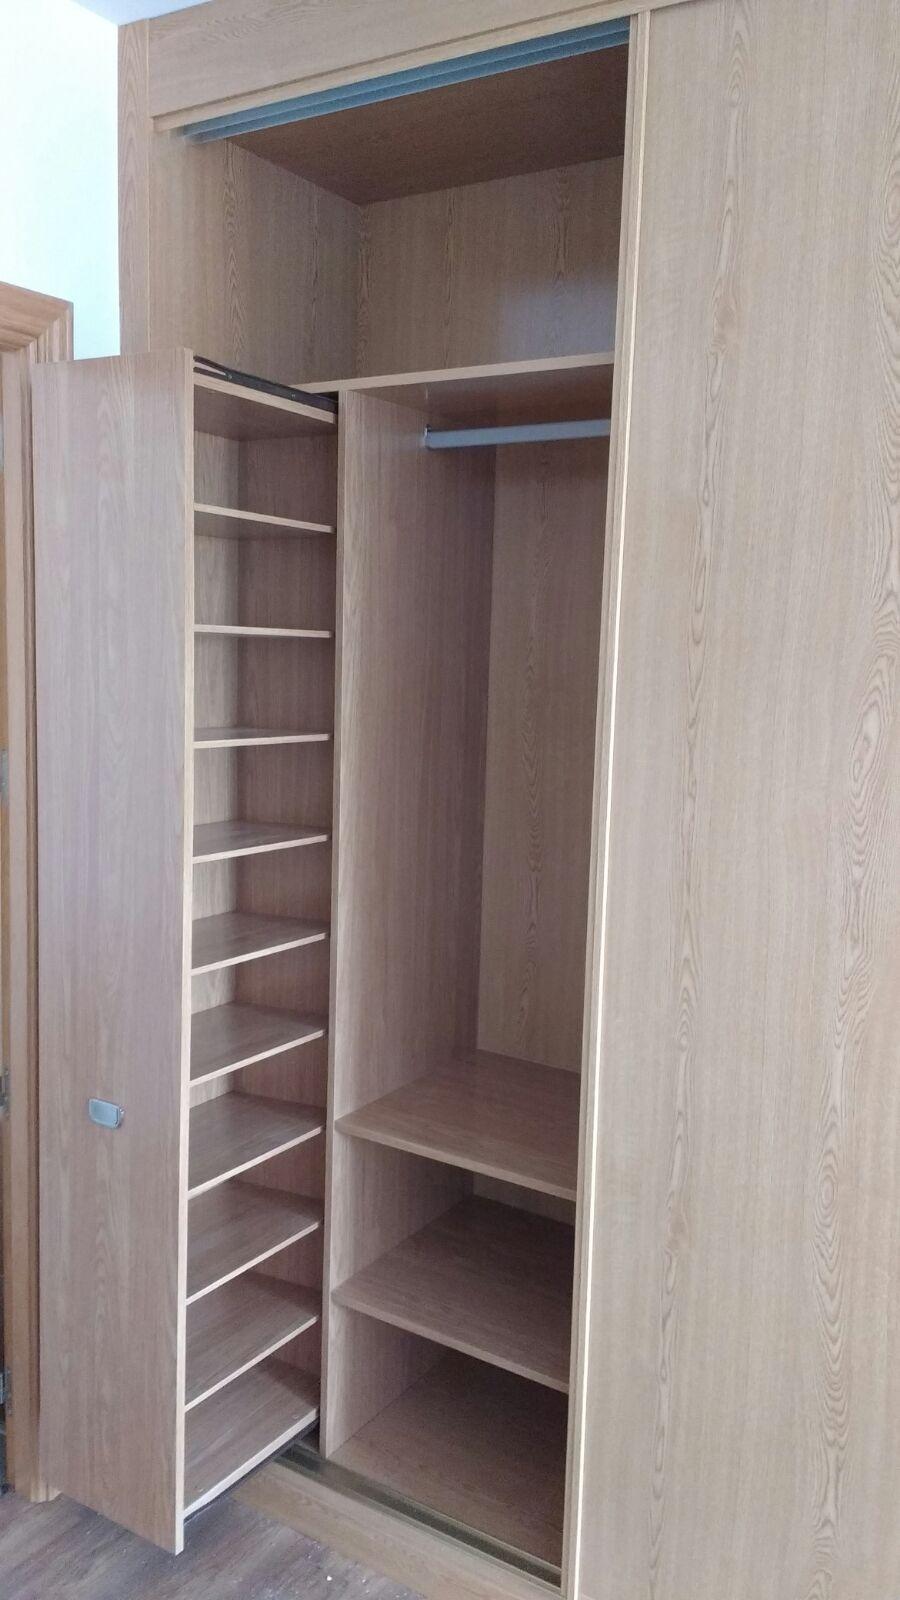 Galeria interiores muebles a medida luis pati o - Armarios personalizados ...